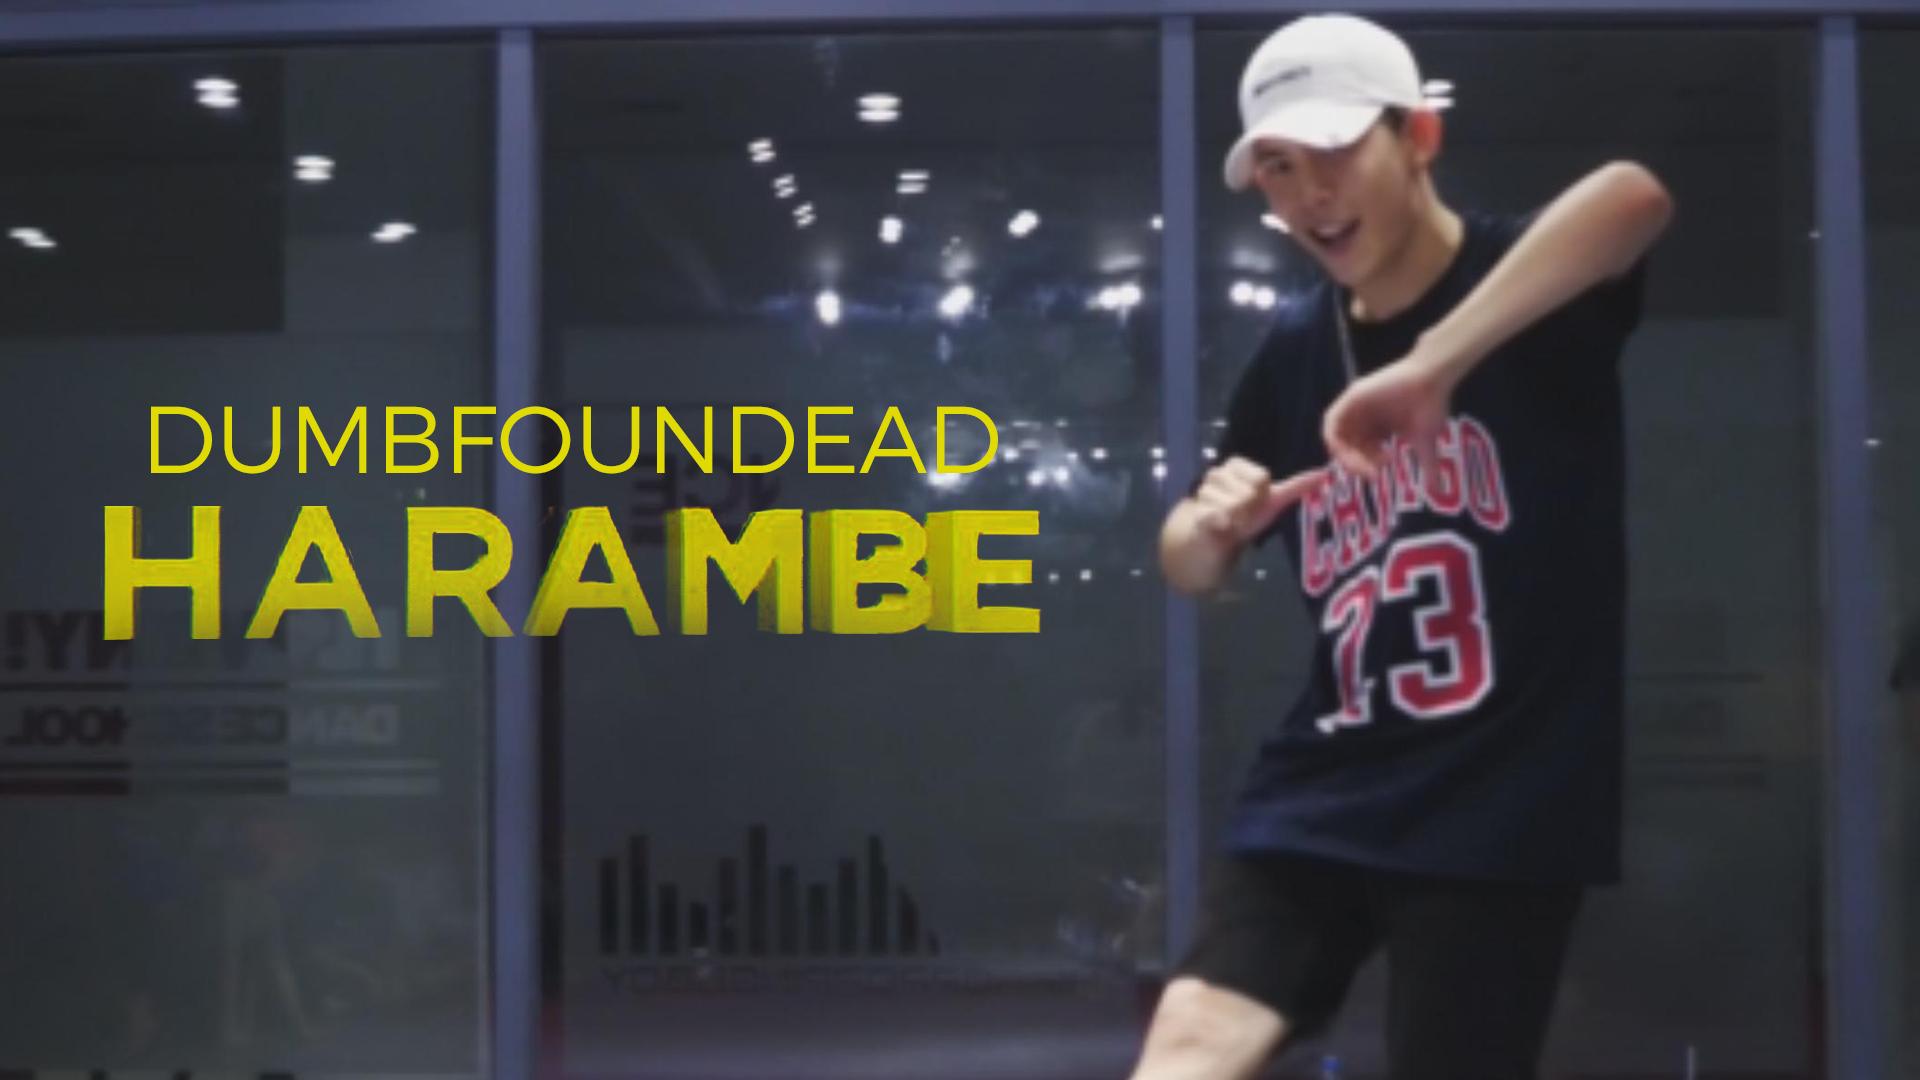 Dumbfoundead – Harambe (choreography_ZACKO)